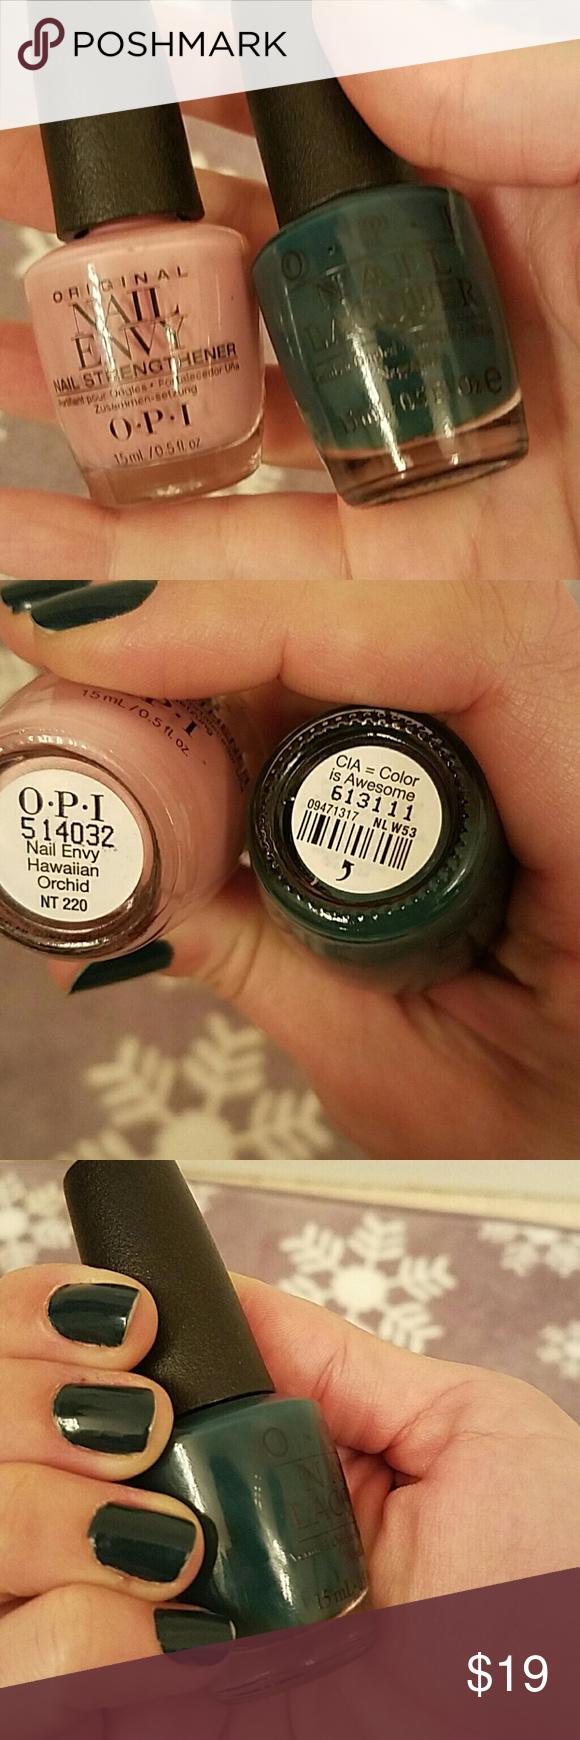 OPI nail envy and CIA=color is awesome   Nail envy, Opi nail envy ...